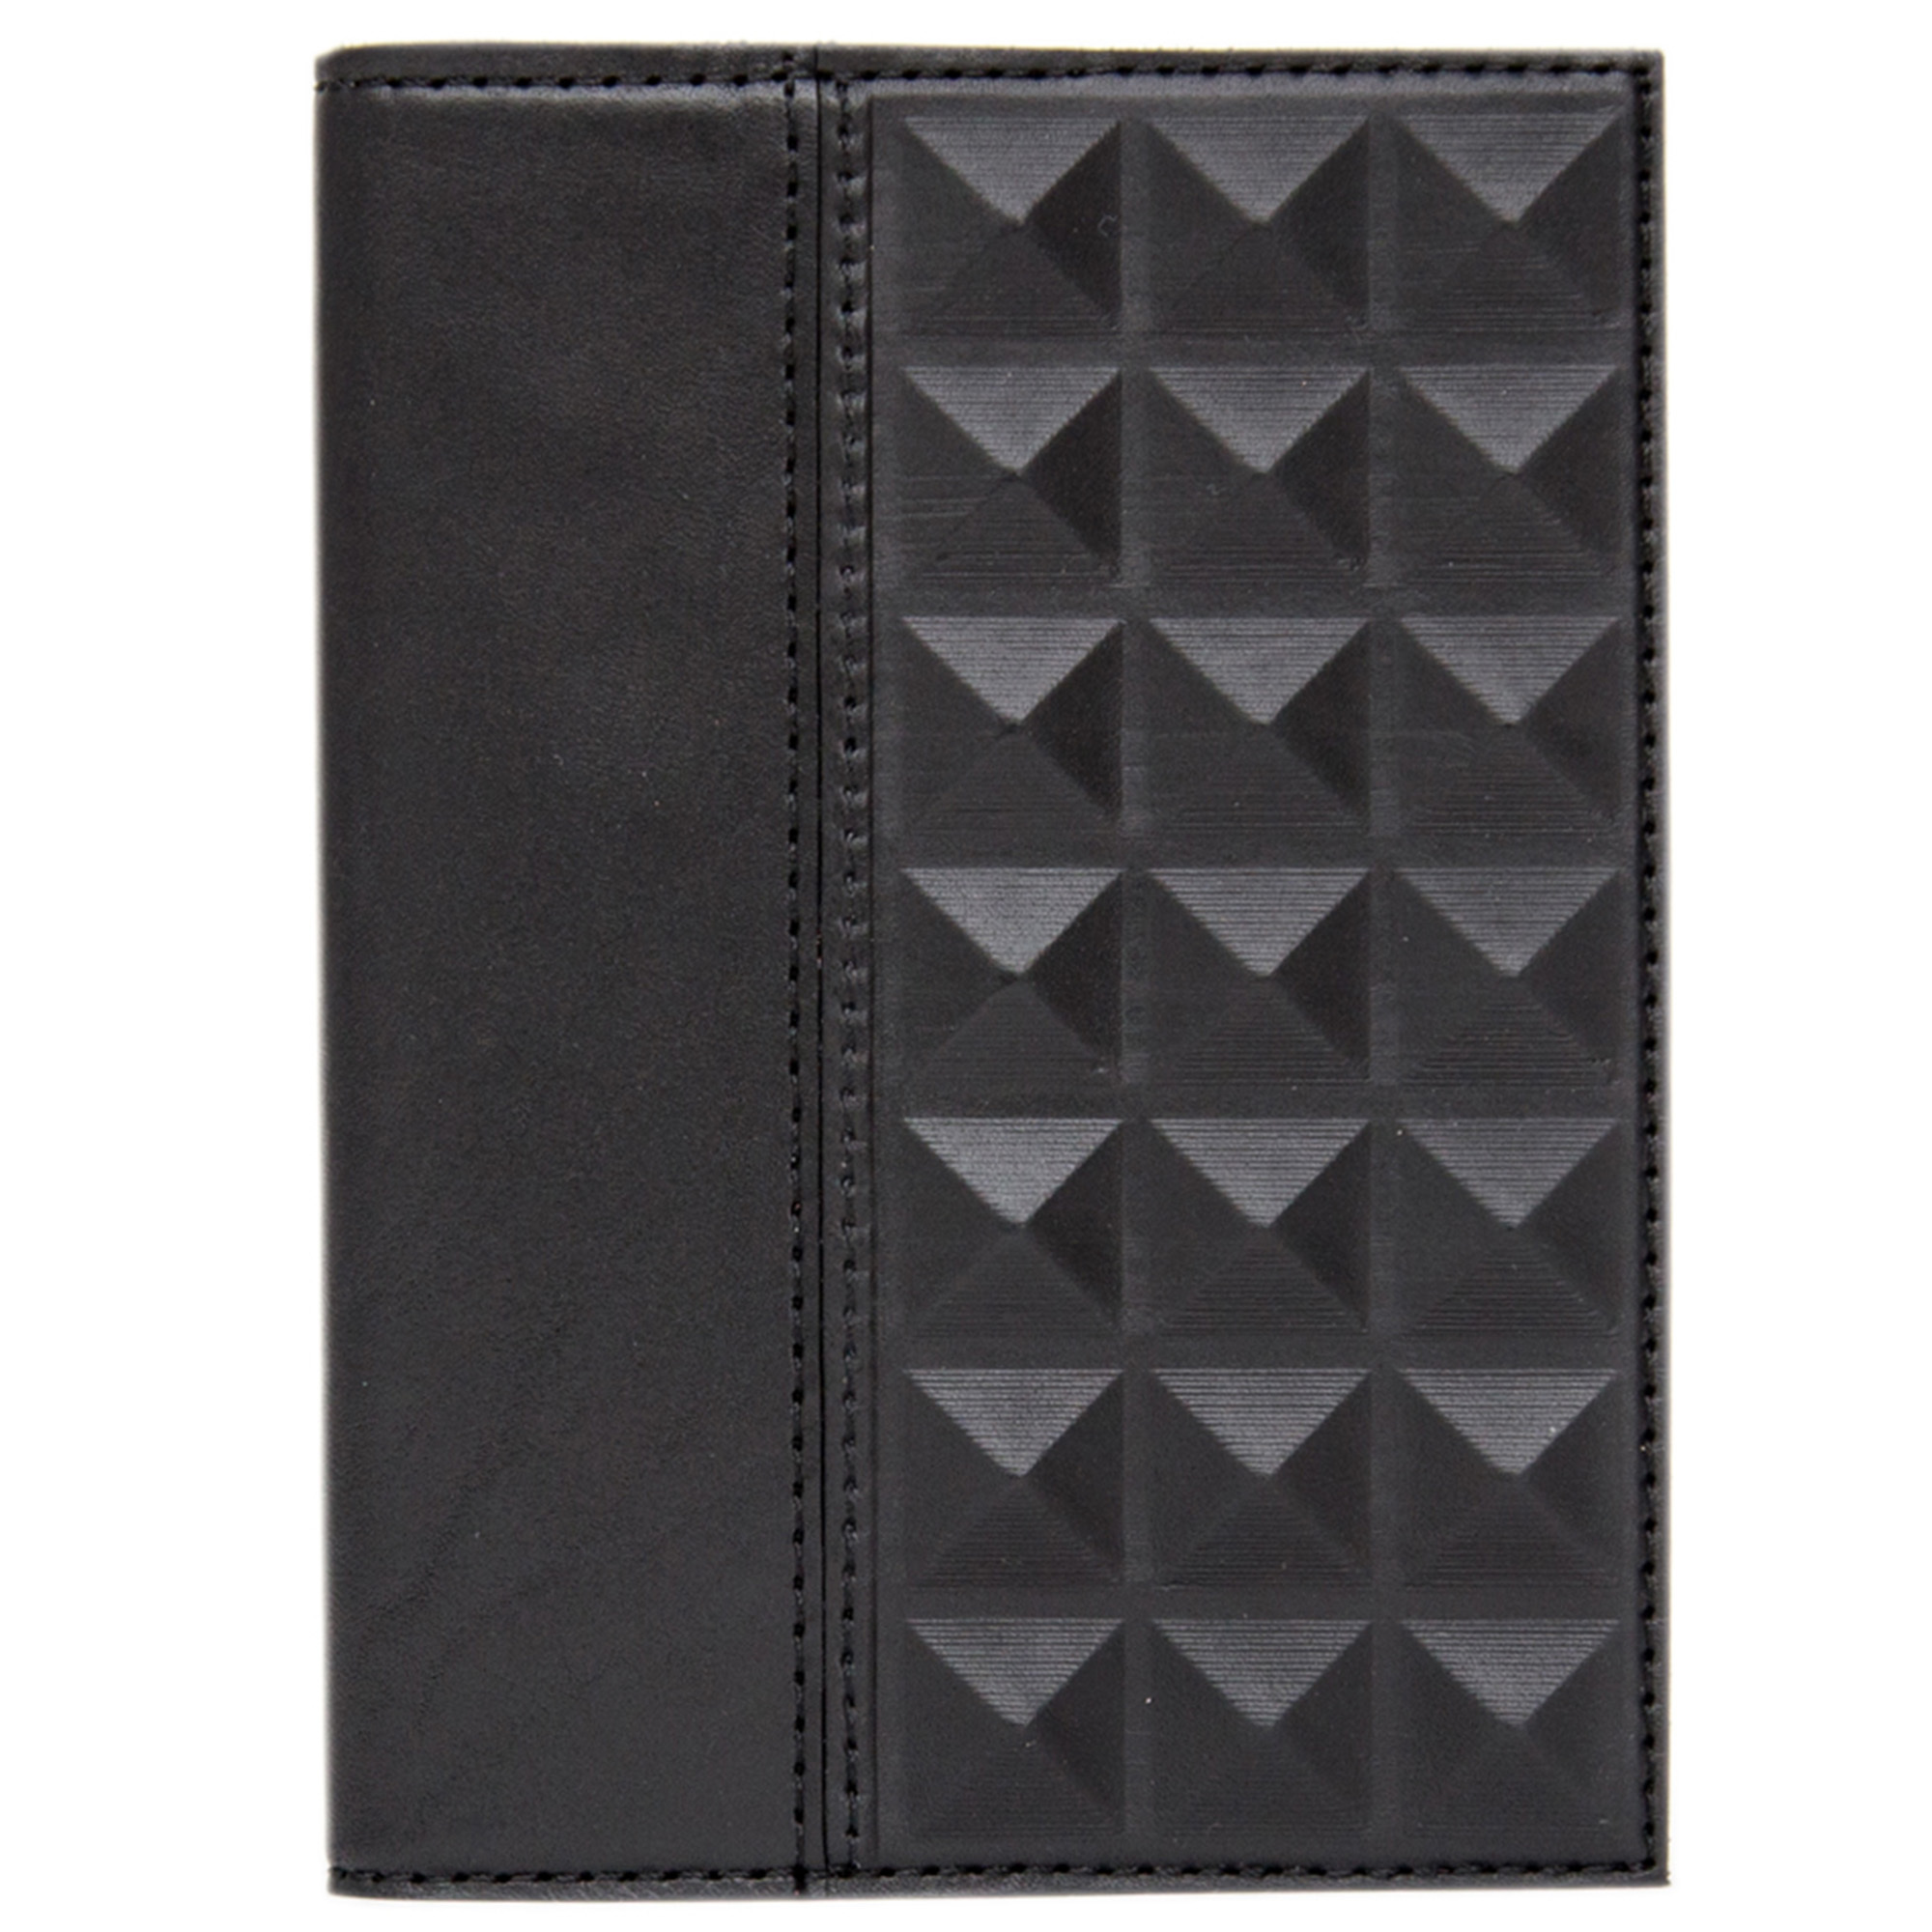 Обложка на паспорт «Геометрия». Цвет черный